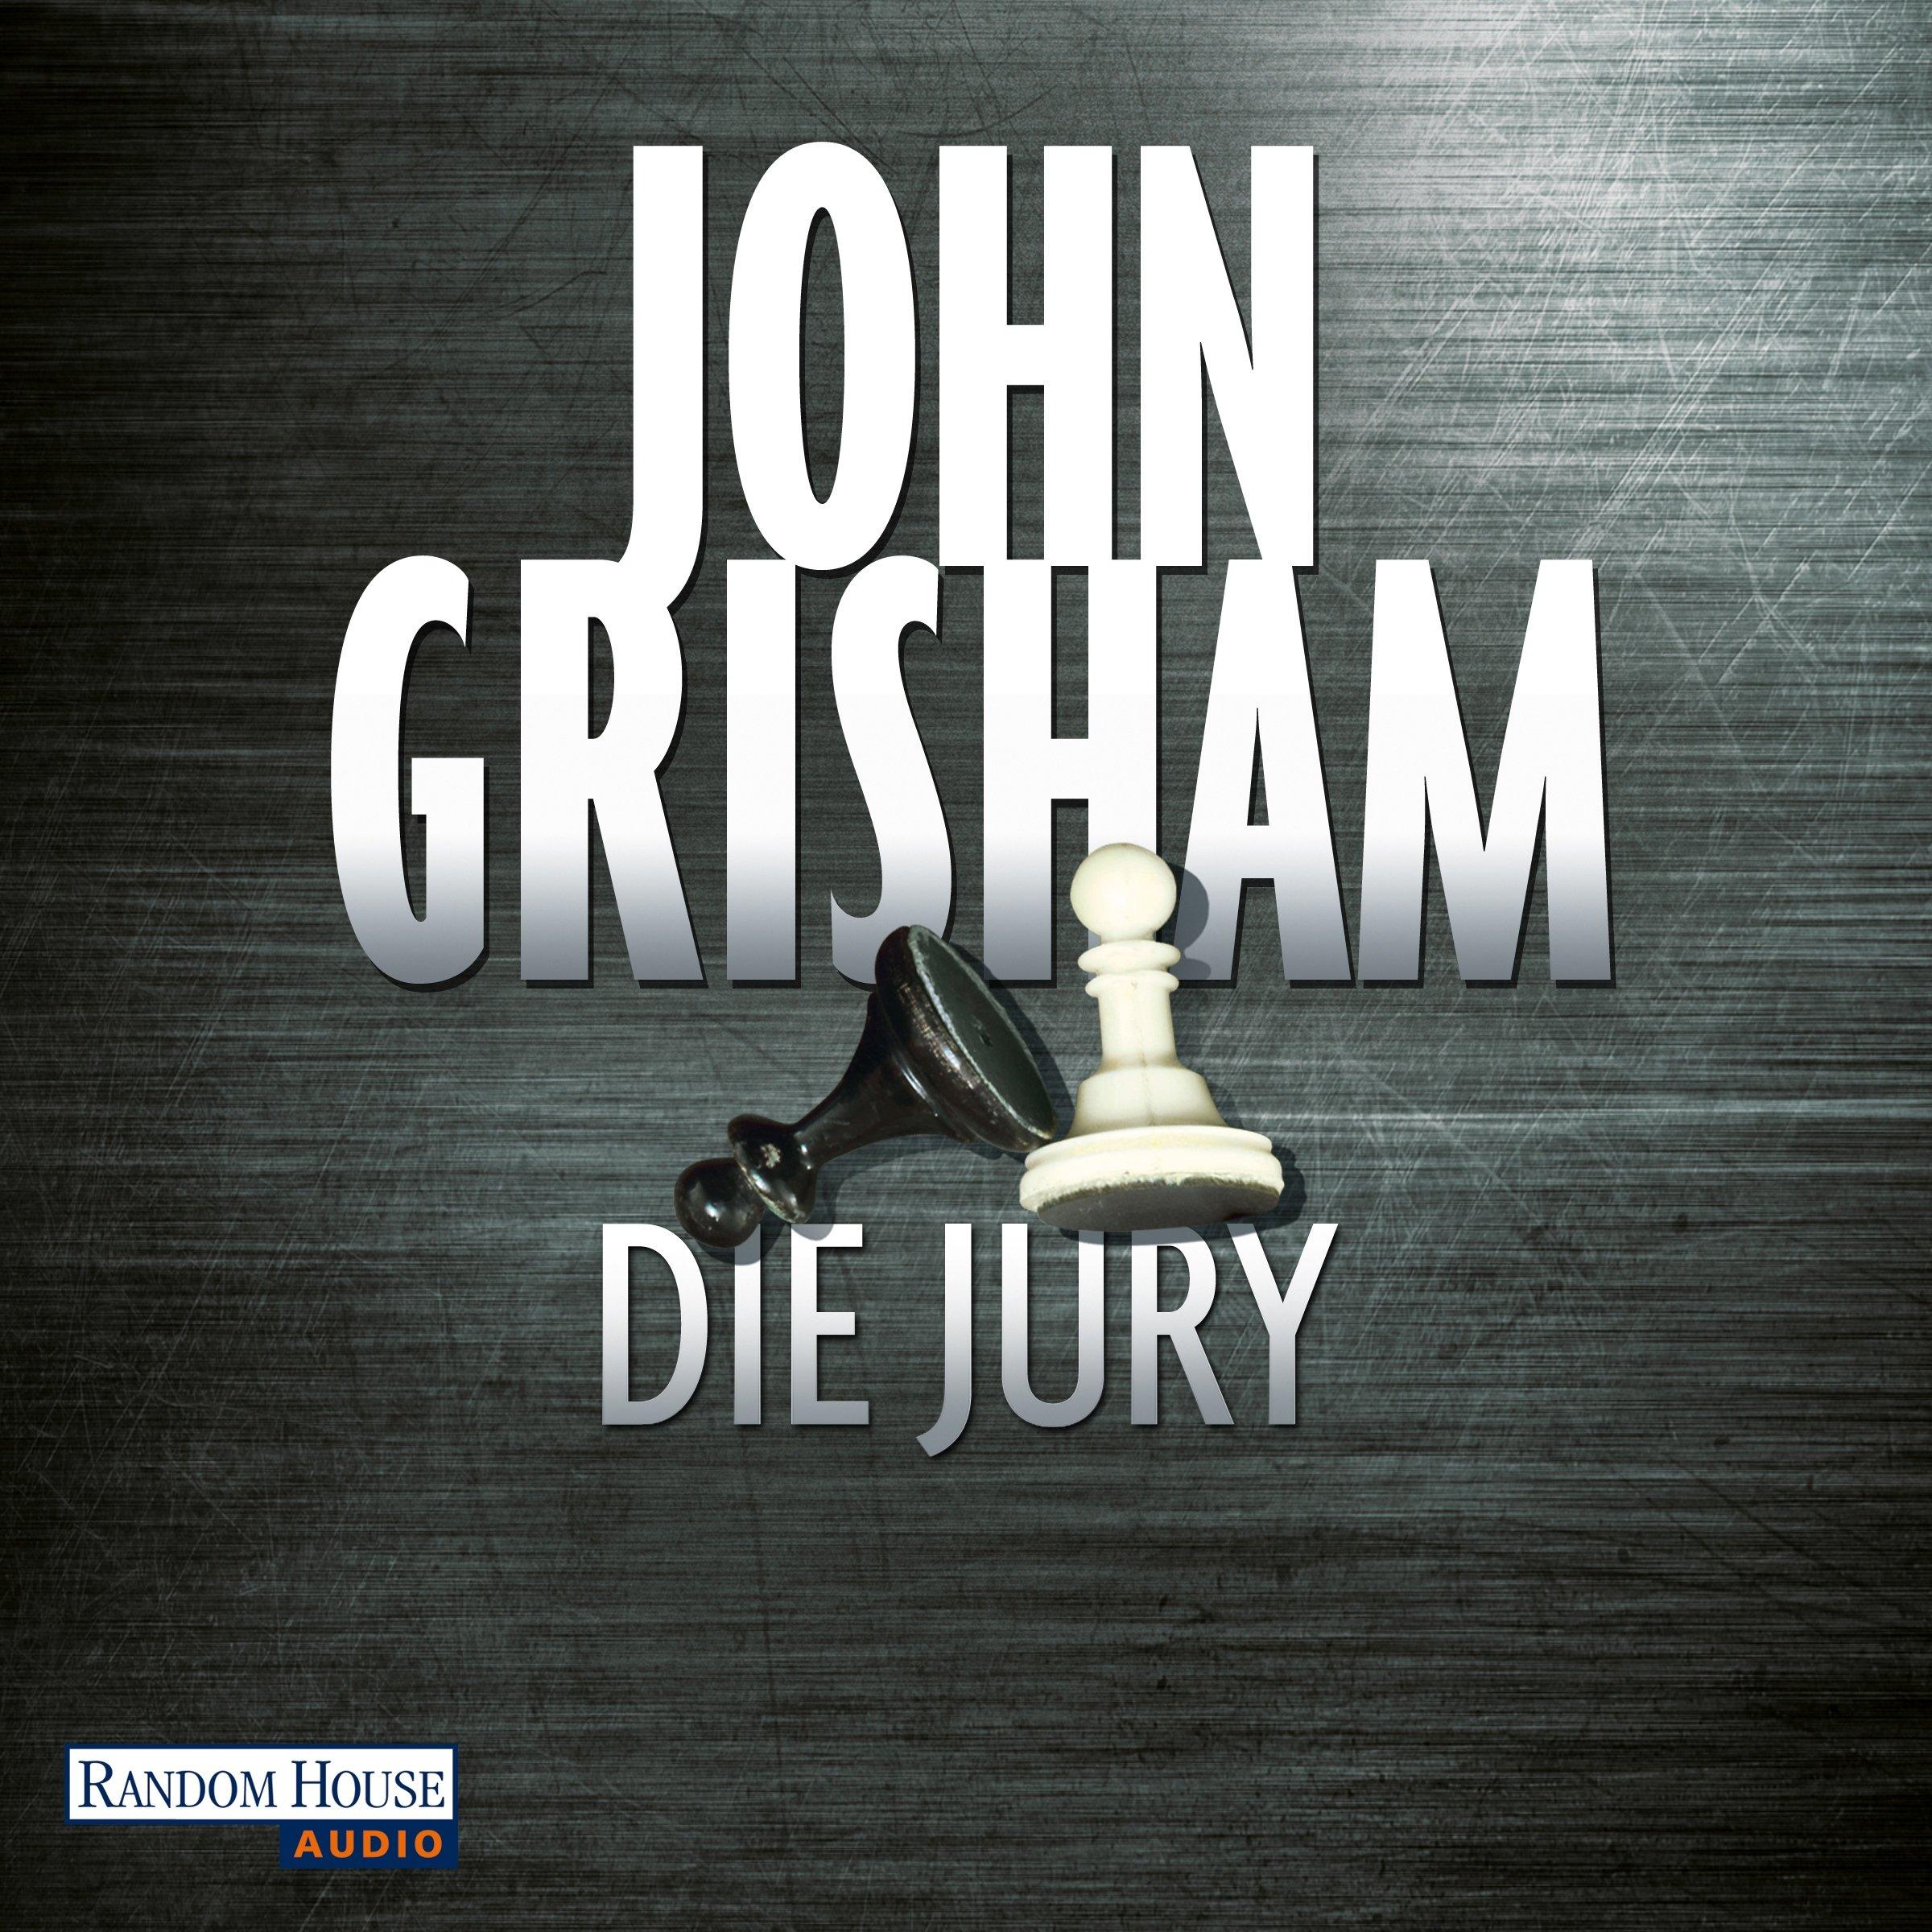 Die Jury: Jack Brigance 1